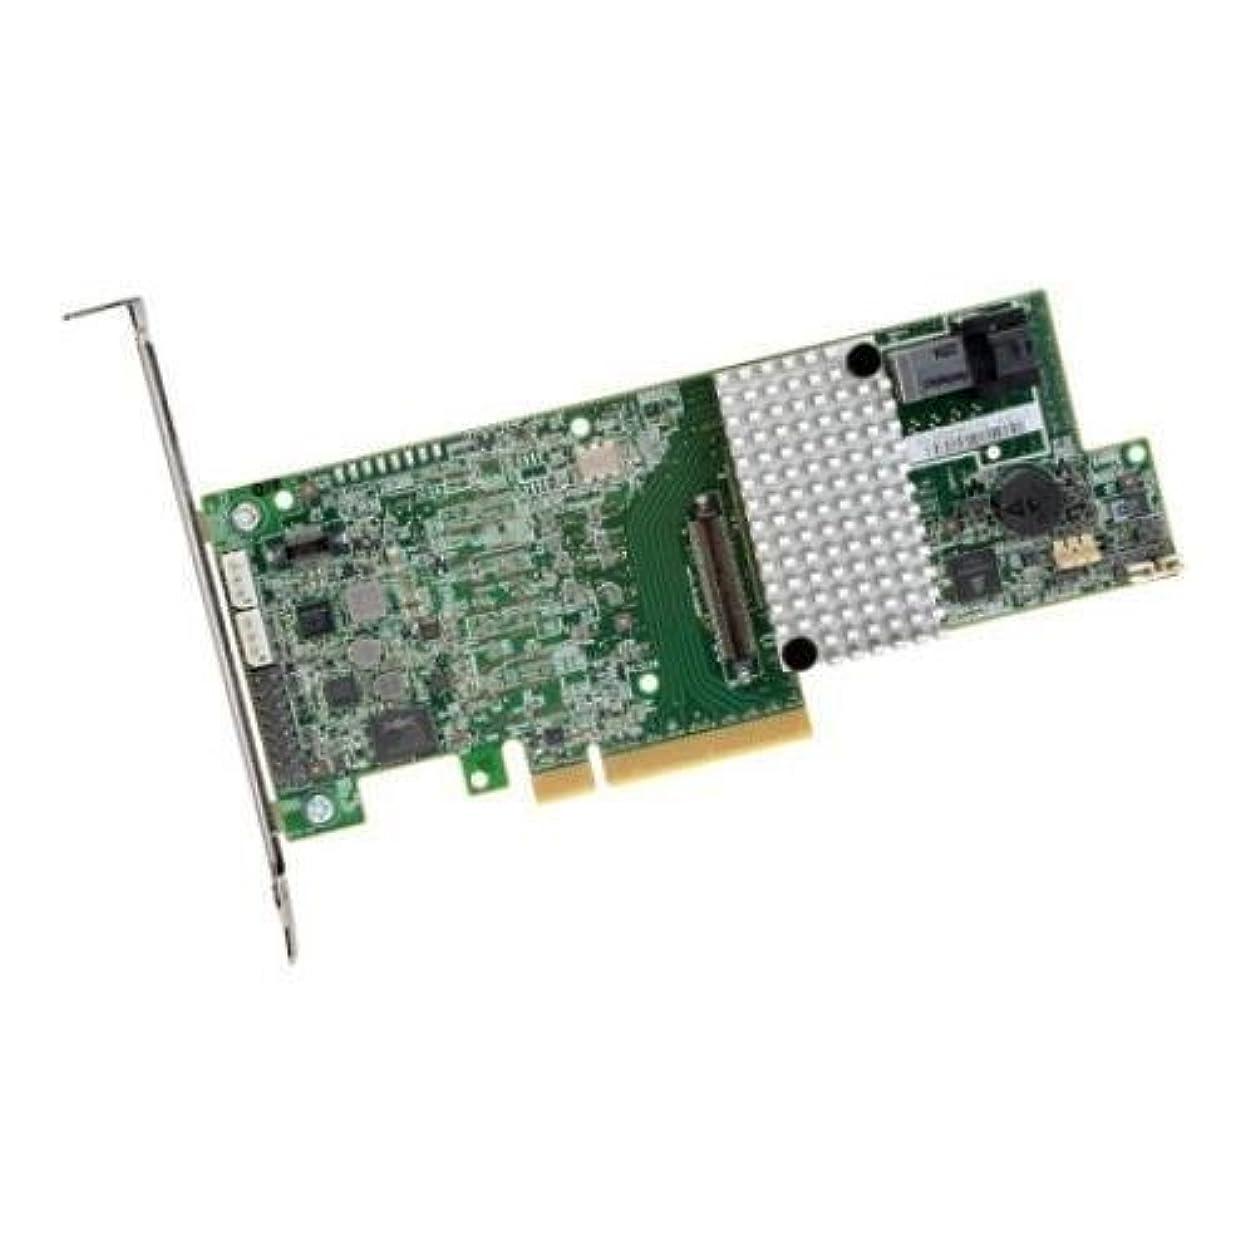 迷惑保険きしむLSIロジックlsi00417 MegaRAID 8ポートSAS 9361 – 8i SGL pcie3.0 x8カード、Raidサポート( LSI logiclsi00417 )